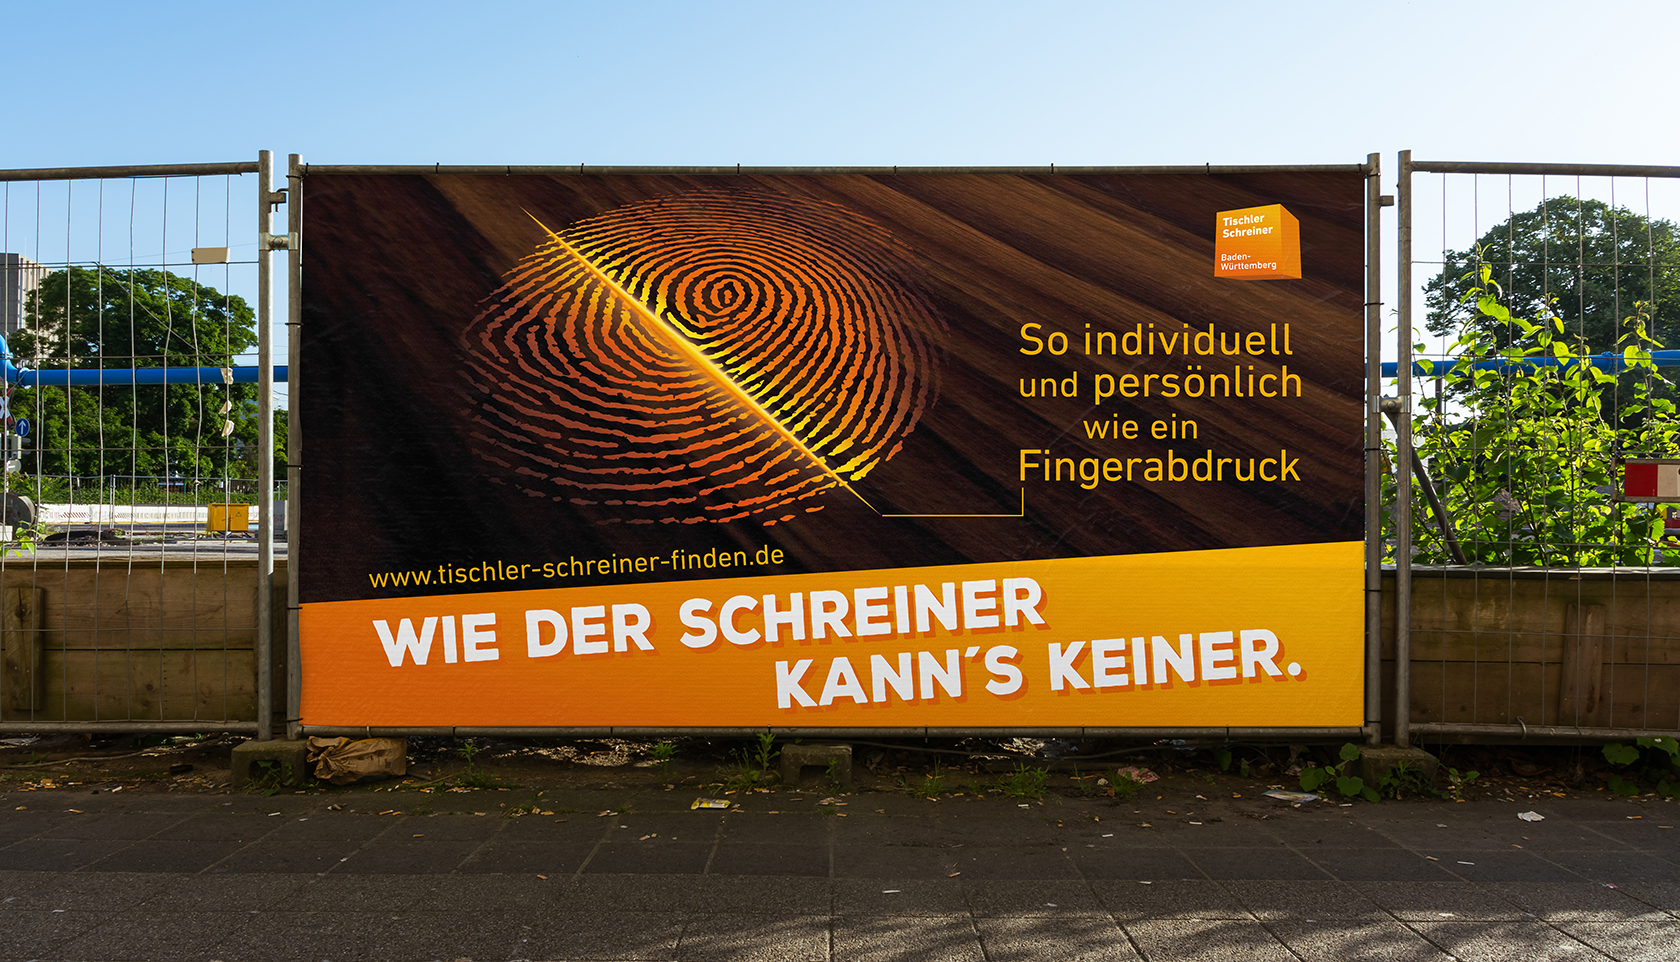 Landesfachverband Schreinerhandwerk Baden-Württemberg – Bauplane